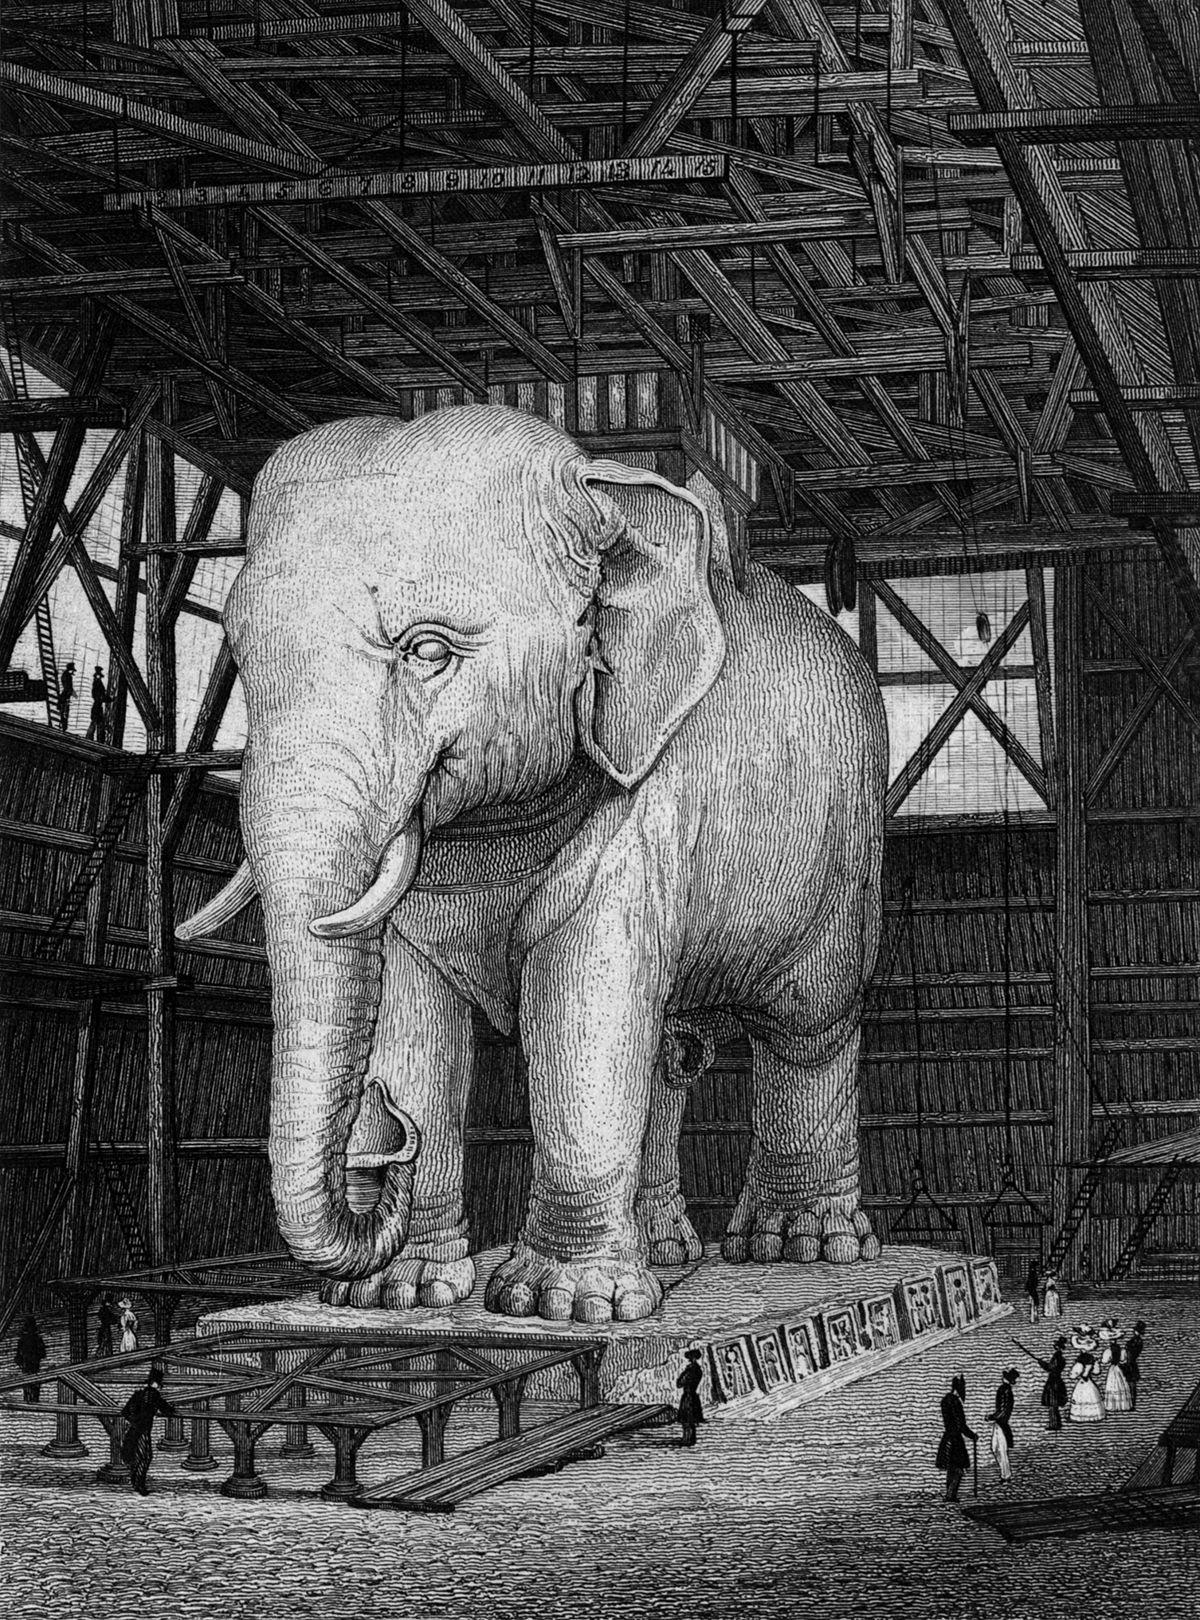 Elephant of the bastille wikipedia buycottarizona Gallery